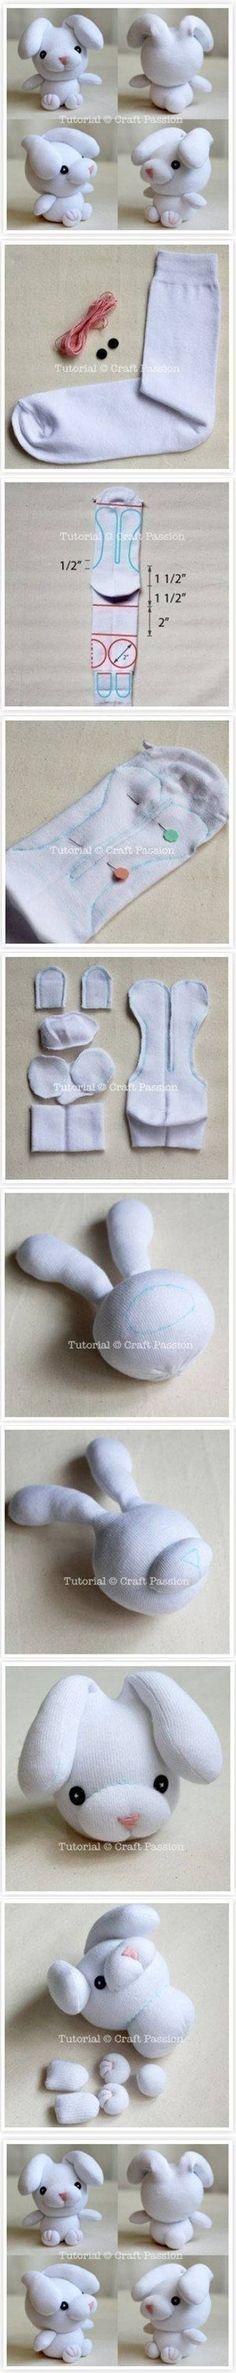 Beyaz Çoraptan Sevimli Tavşan Yapmak Çoğu kez çoraptan oyuncak yapımı ile ilgili çalışmaları paylaşmışımdır. Her seferinde farklı çoraptan hayvan figürü yapılışı ile ilgili bir görsem hemen sizlerl…